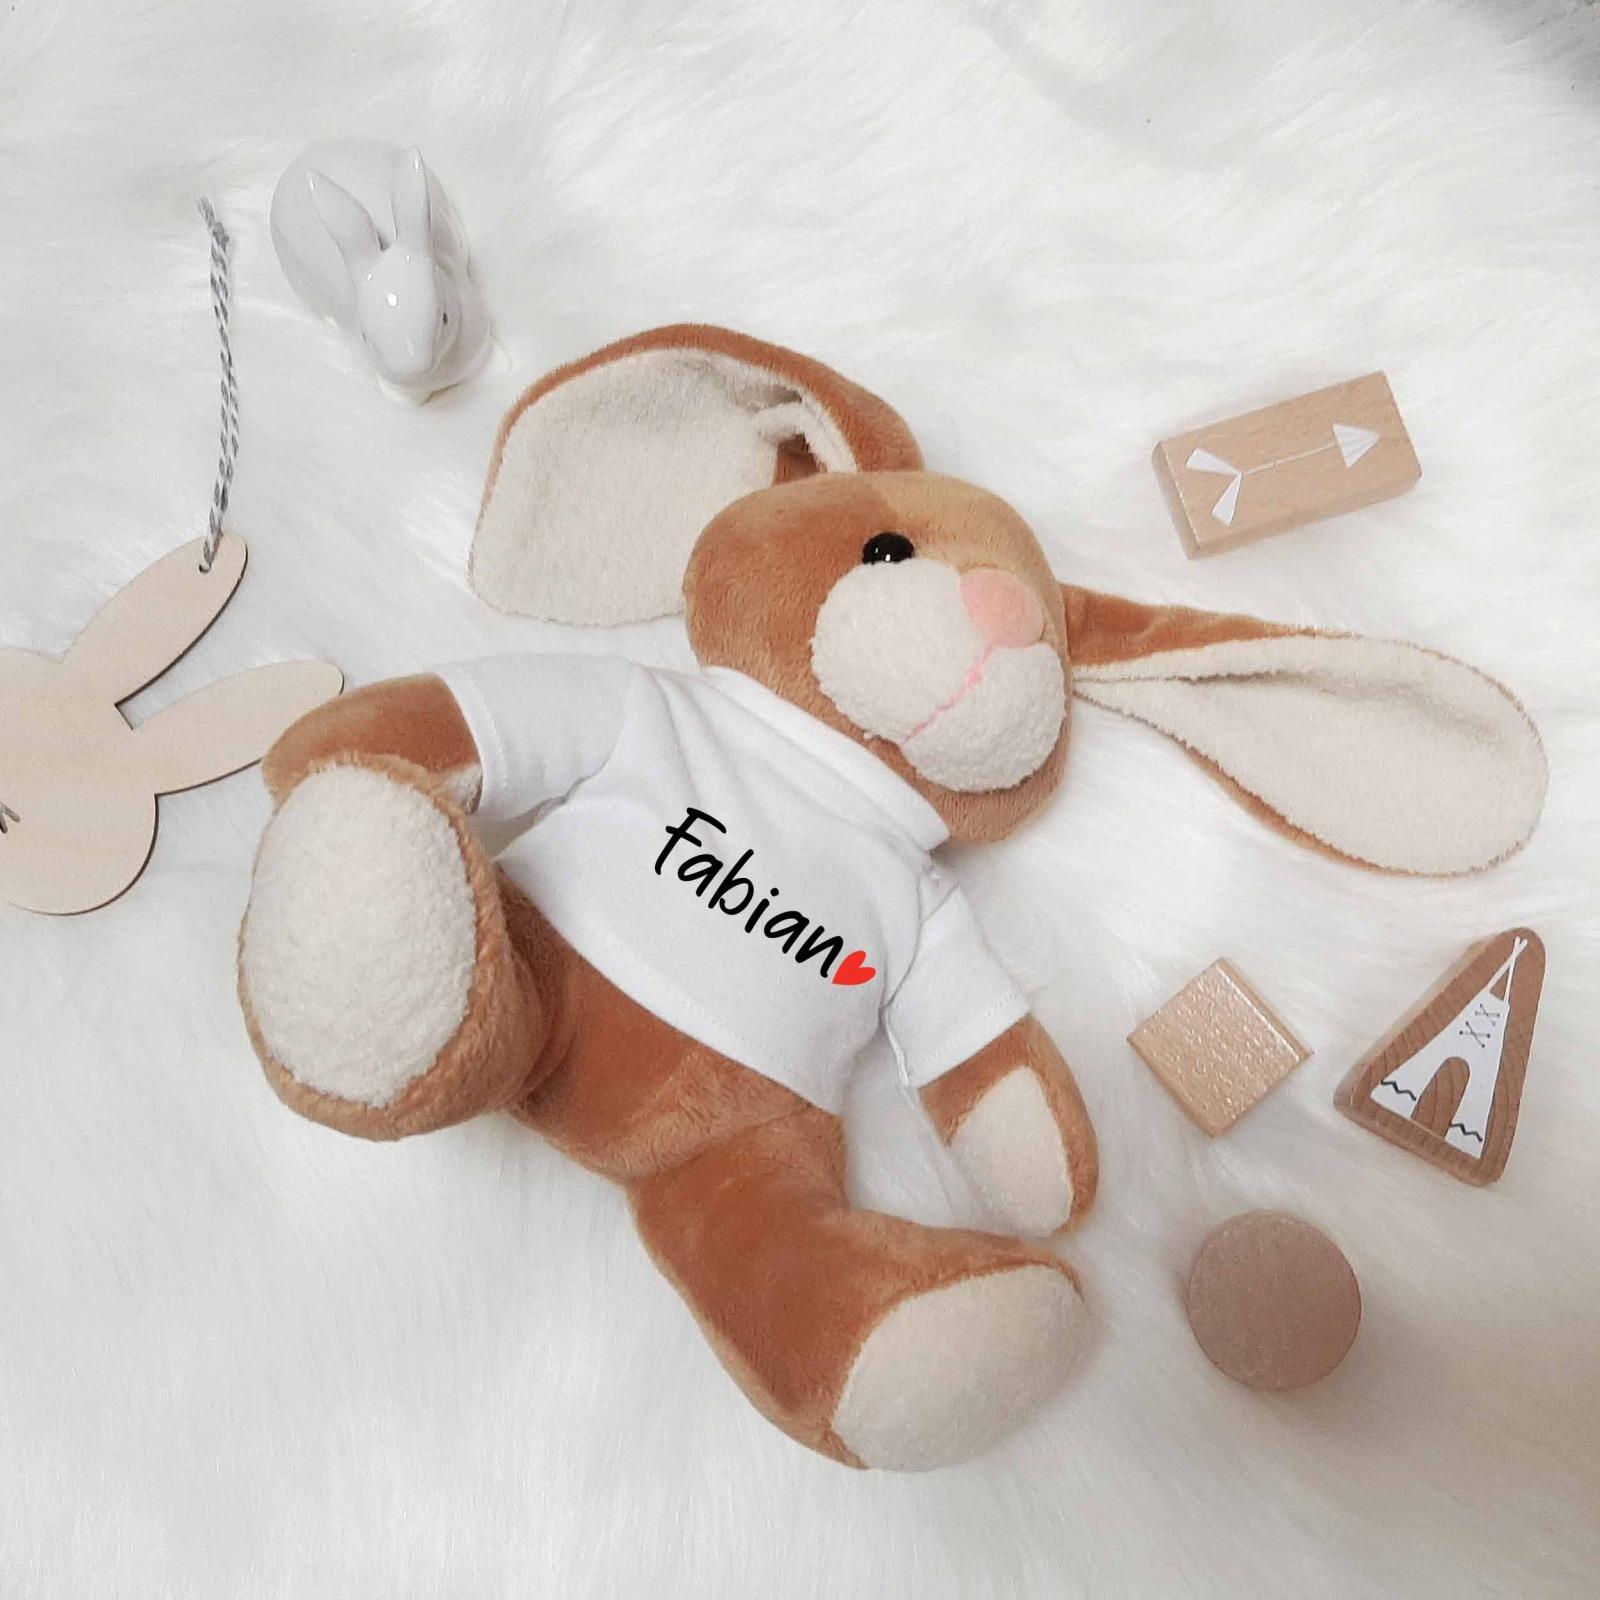 Kuscheltier Hase personalisiert mit Name 8